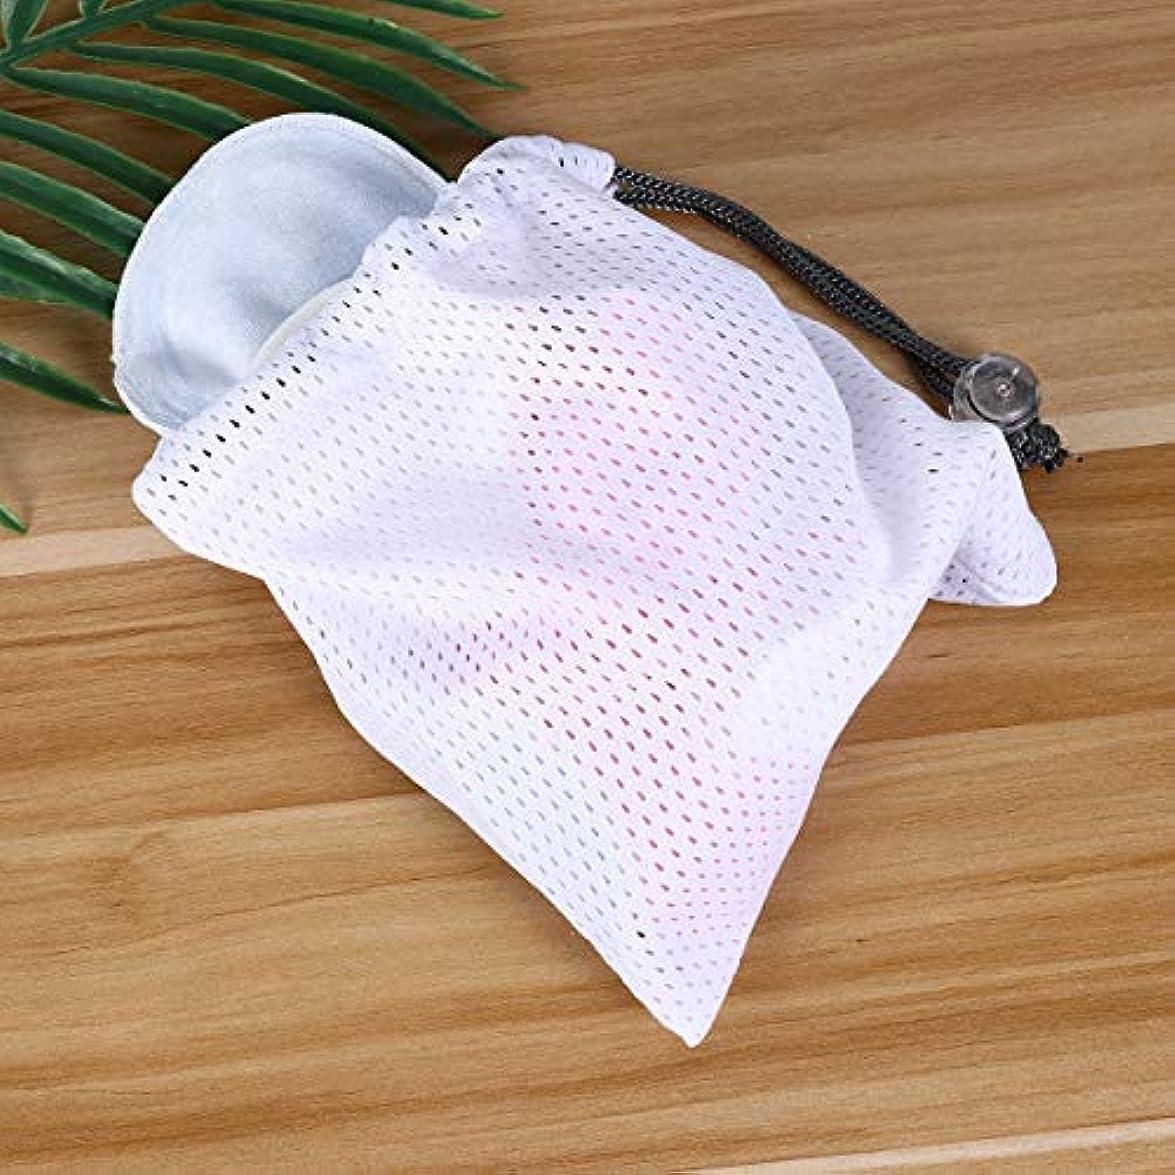 戦艦スナッチむちゃくちゃBeaupretty 17ピース再利用可能な竹繊維化粧落としパッド有機綿ラウンド洗える顔クレンジング布